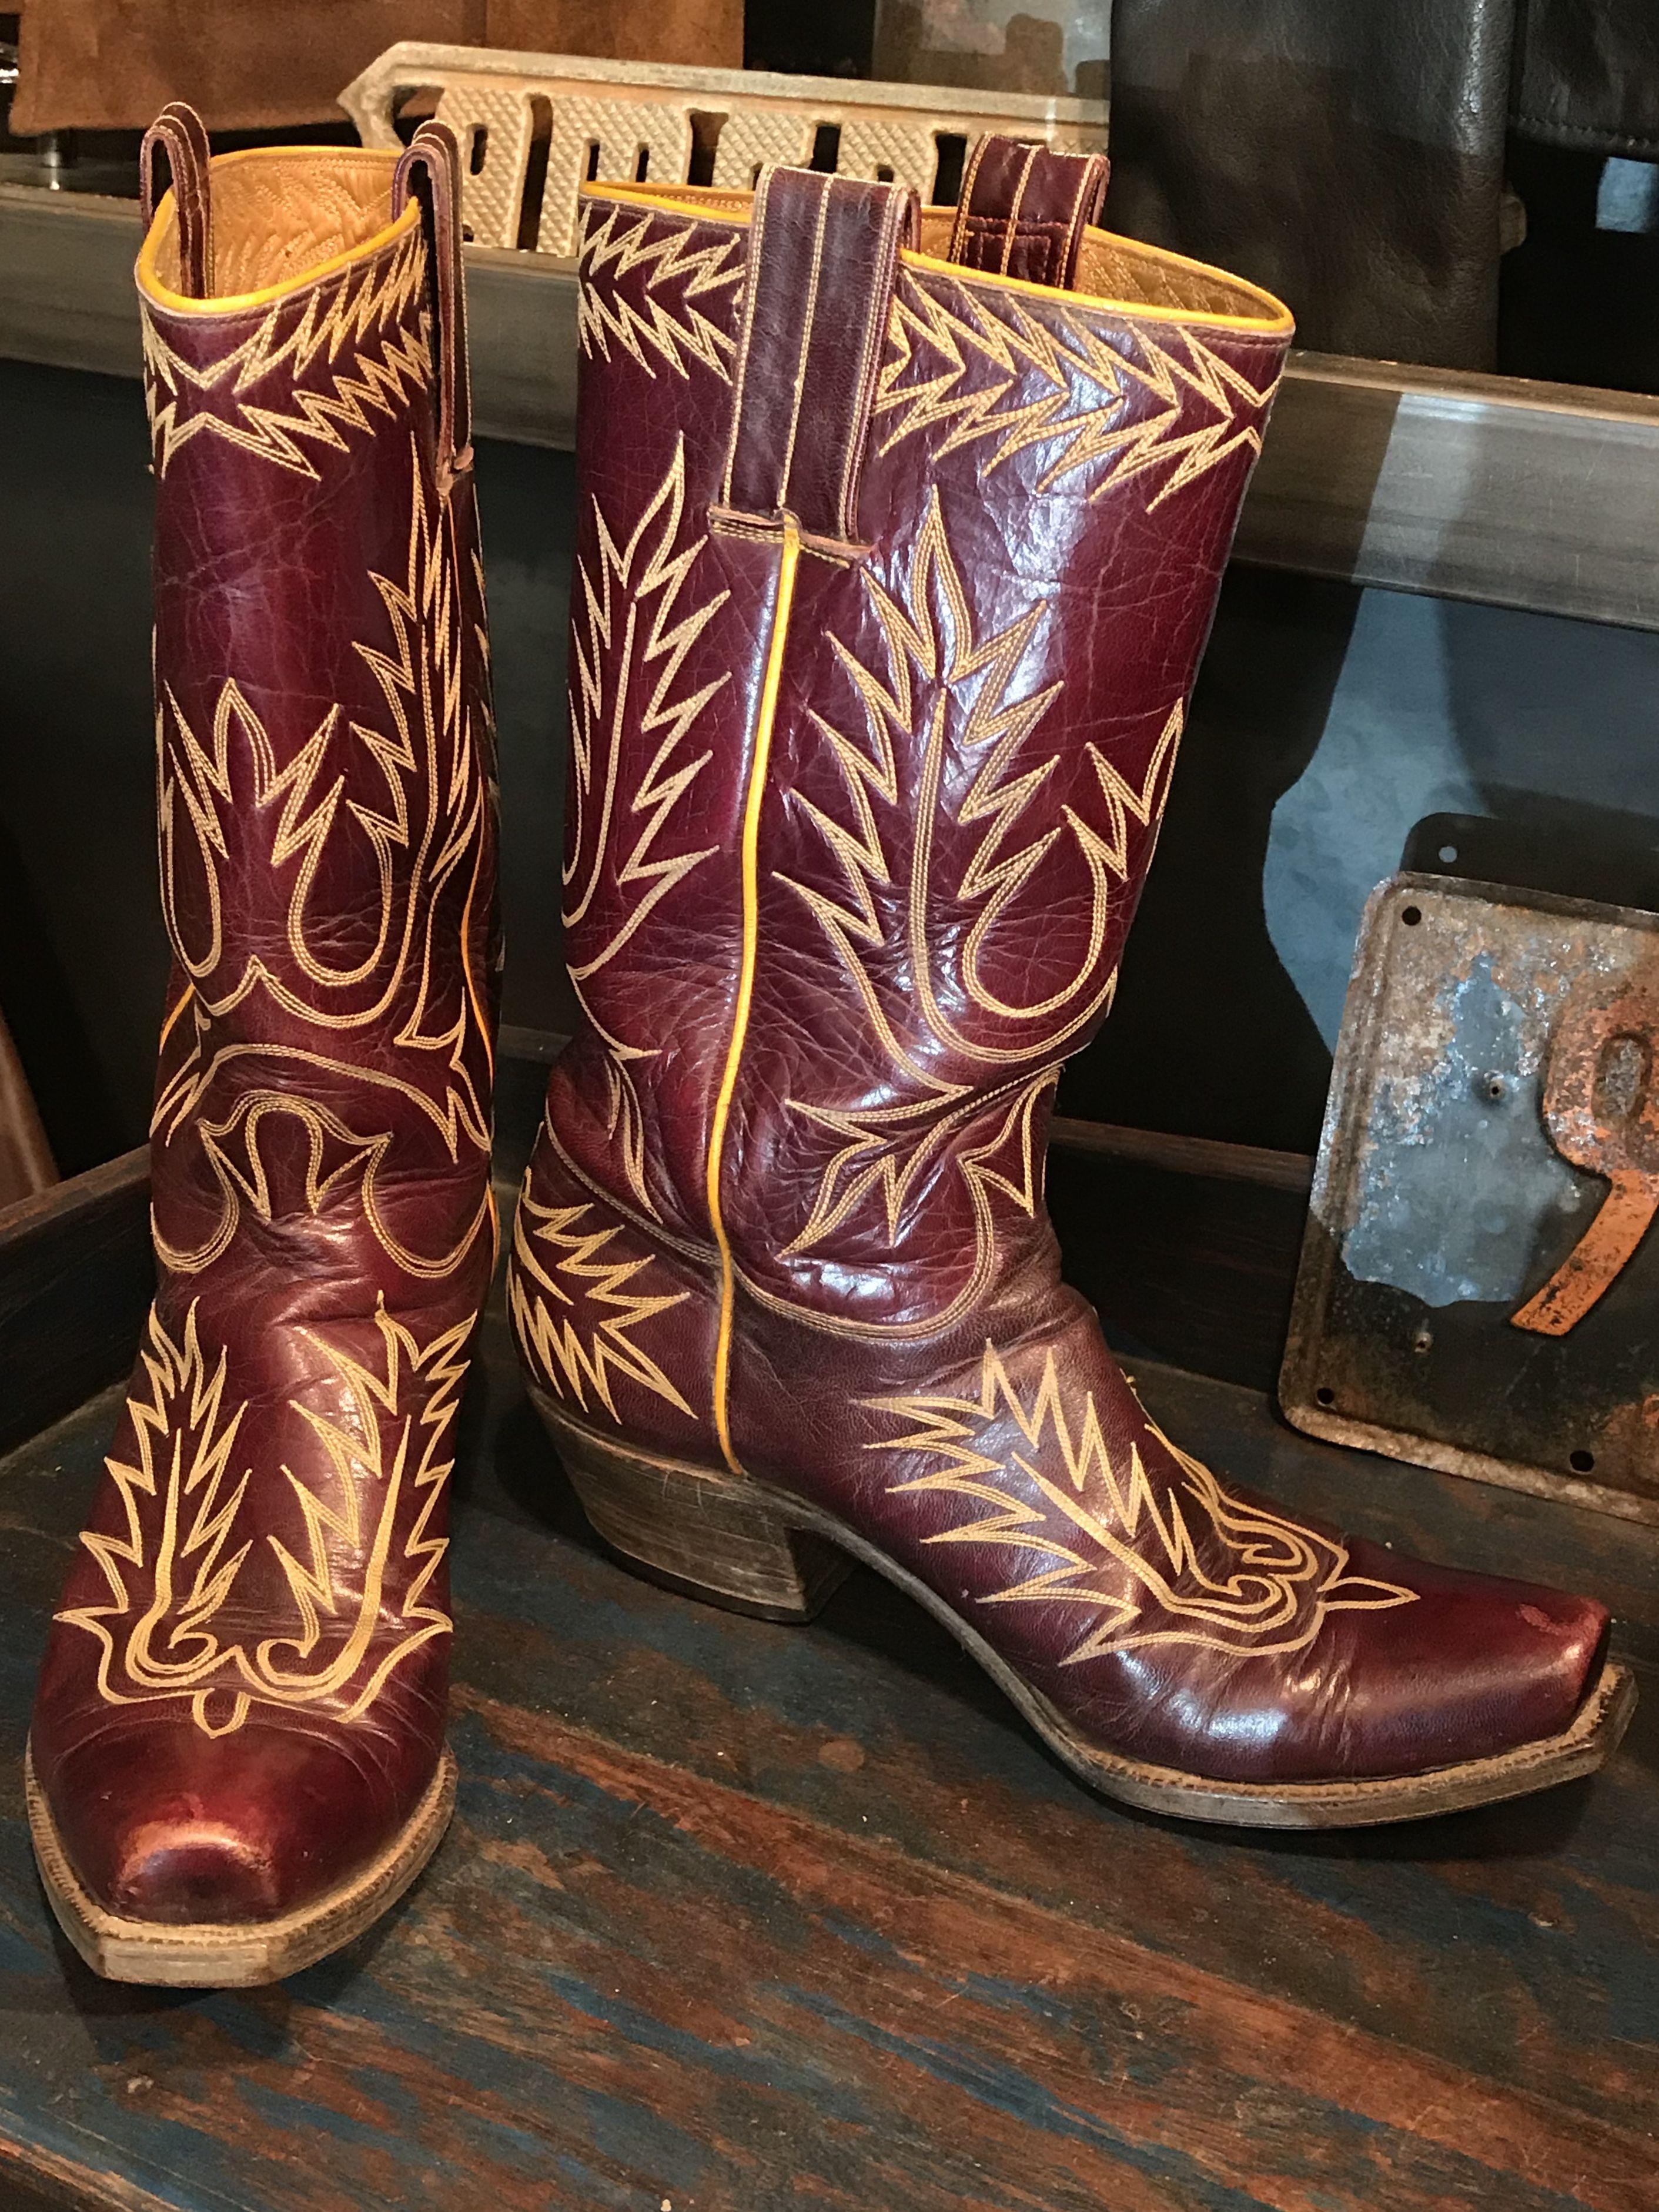 Vintage Stewart Romero Cowboy Boots in